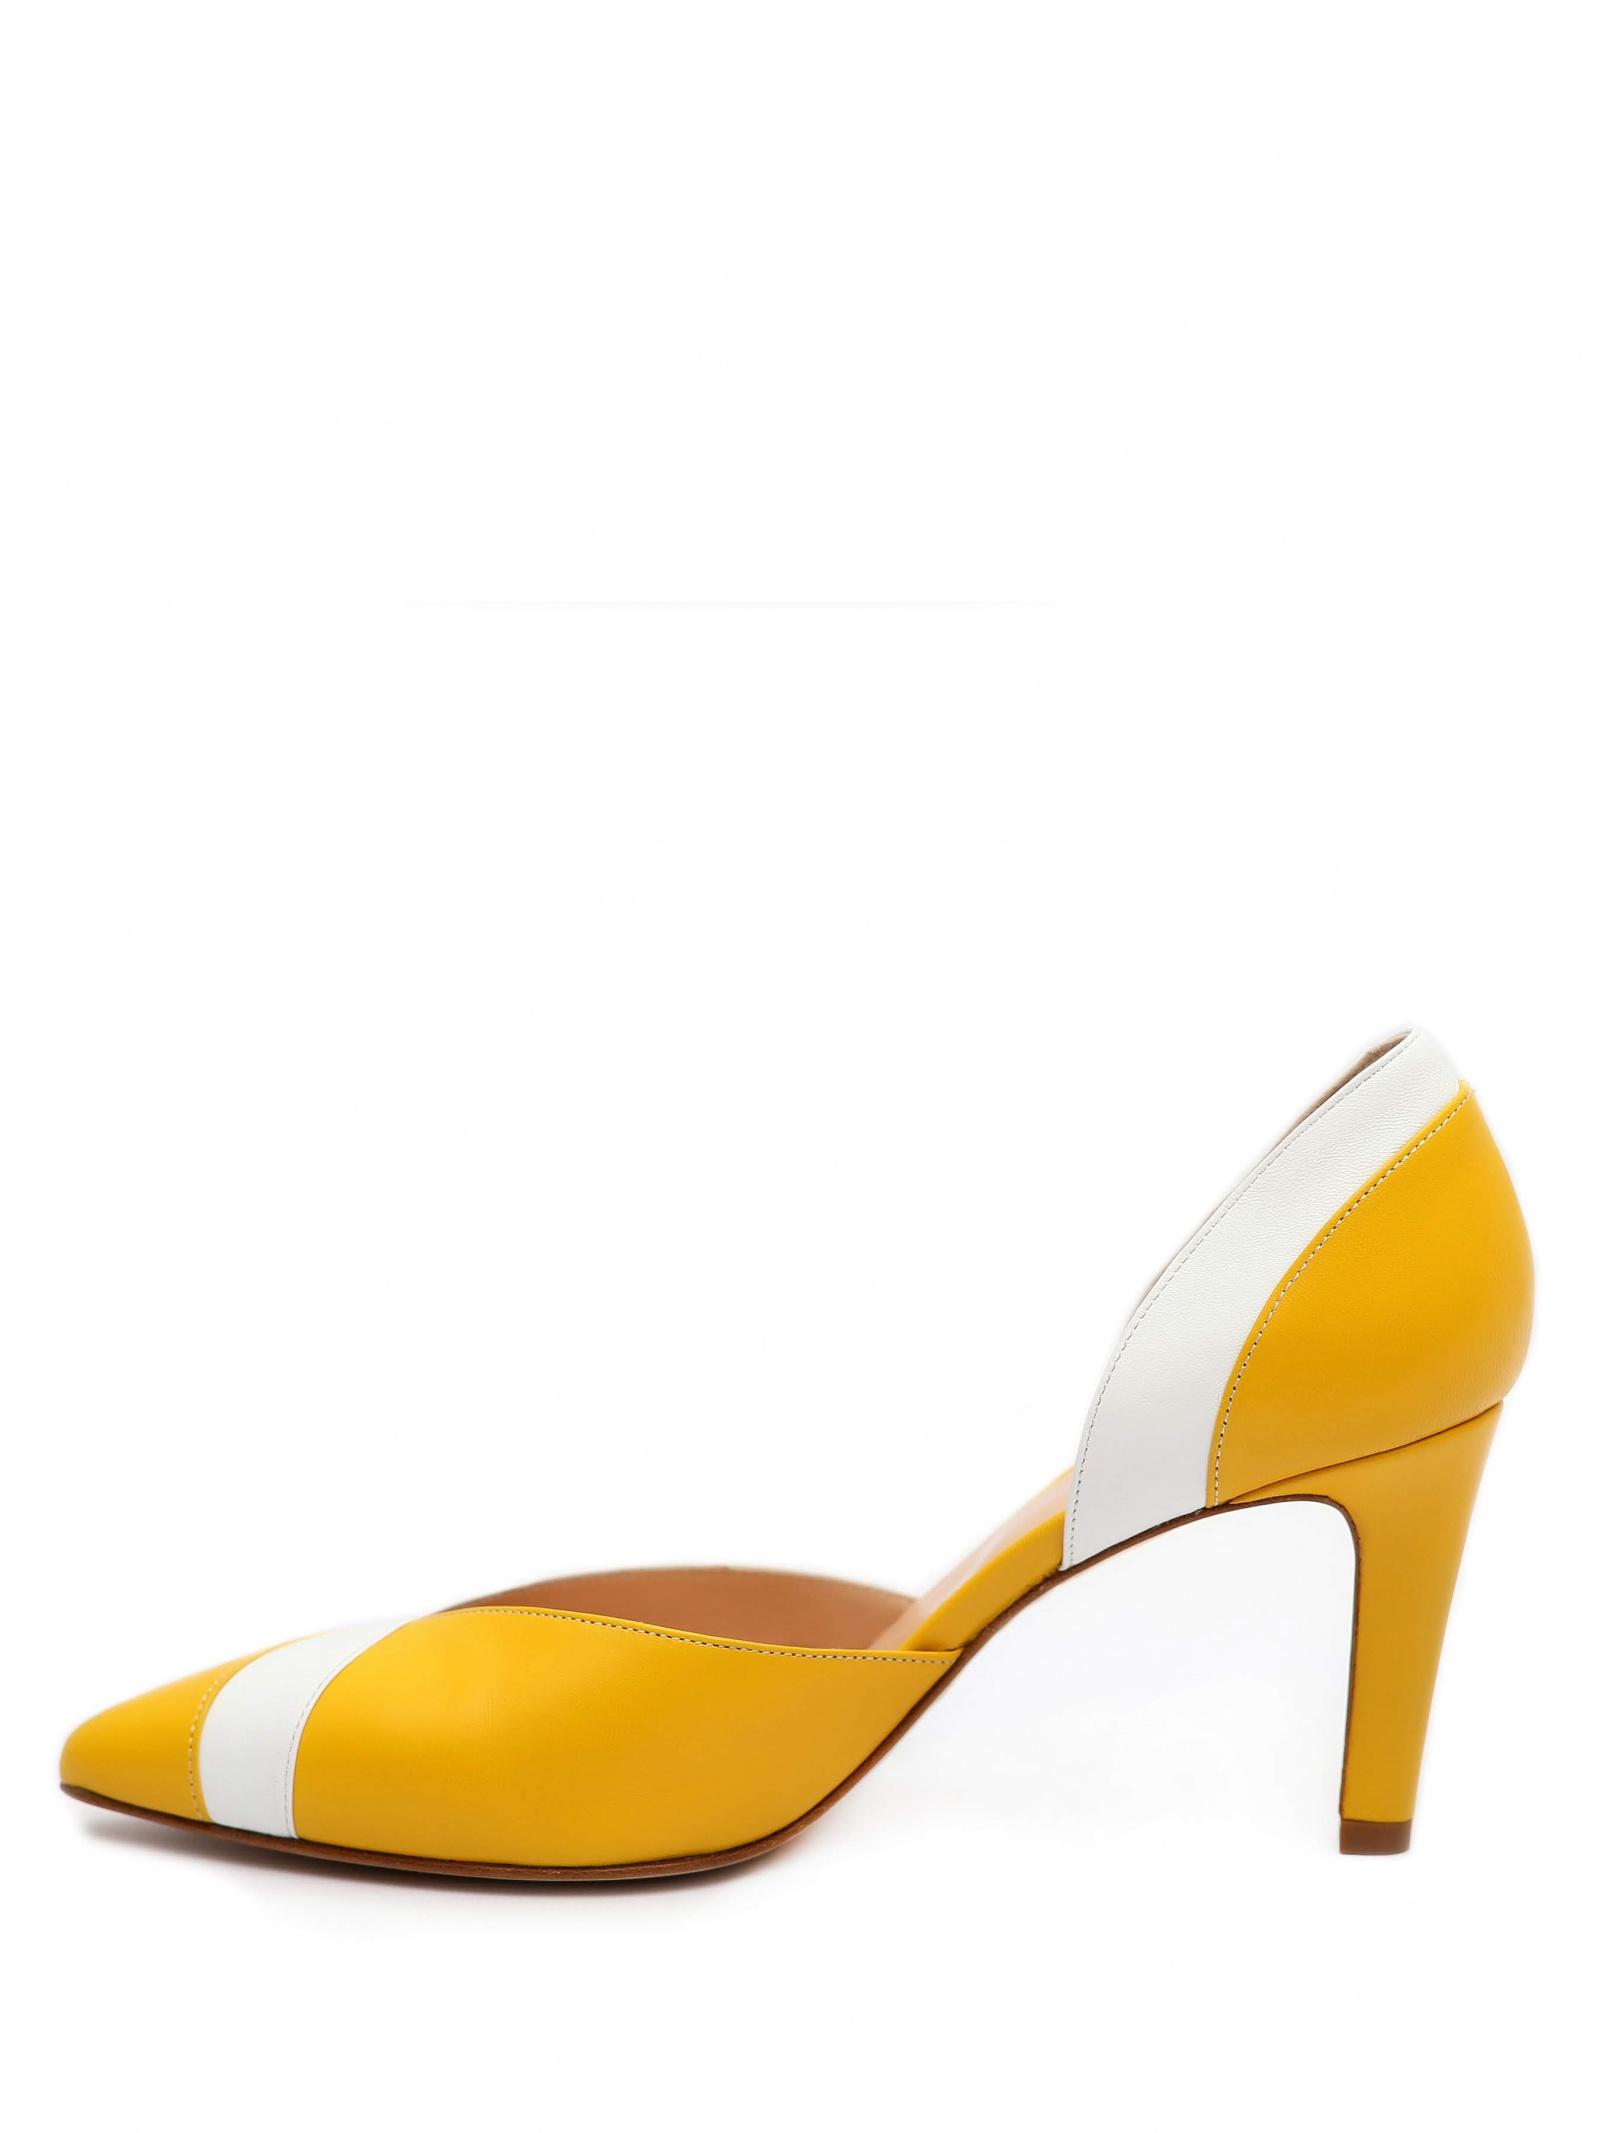 Туфлі  жіночі SITELLE KAT70YEL ціна, 2017